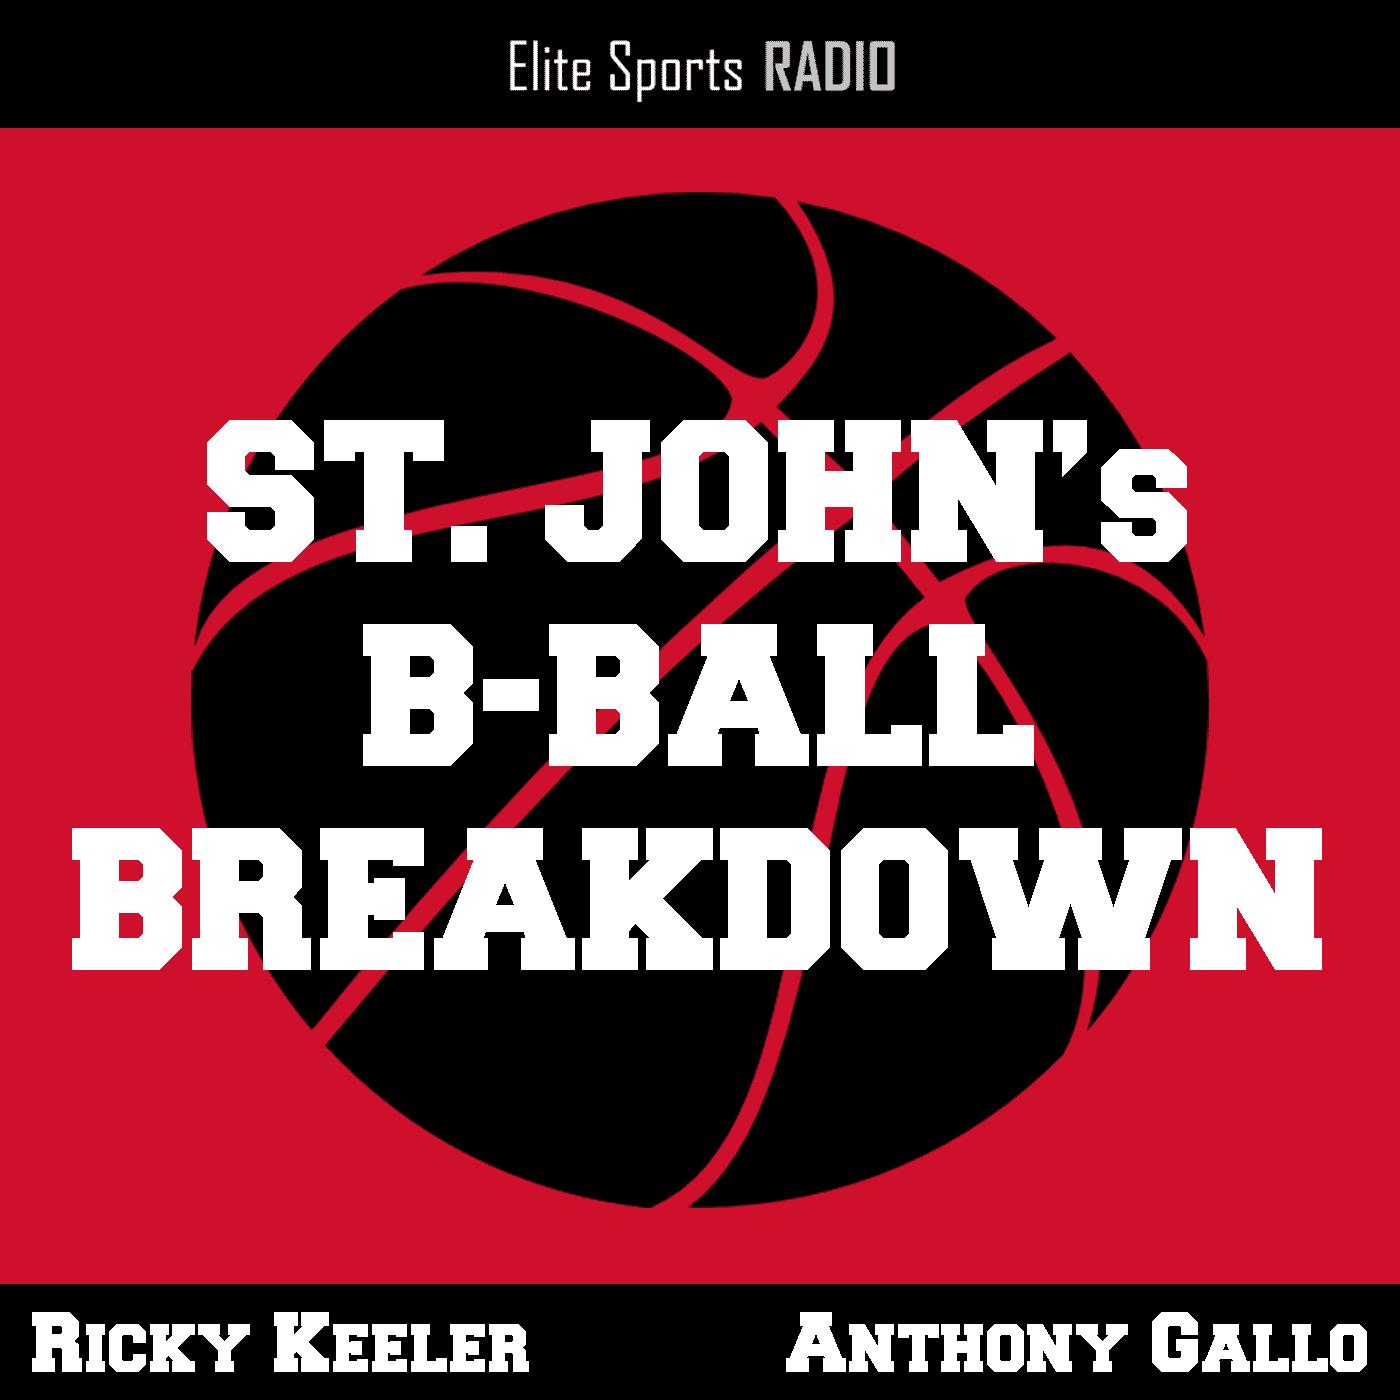 St. John's BBall Breakdown Podcast